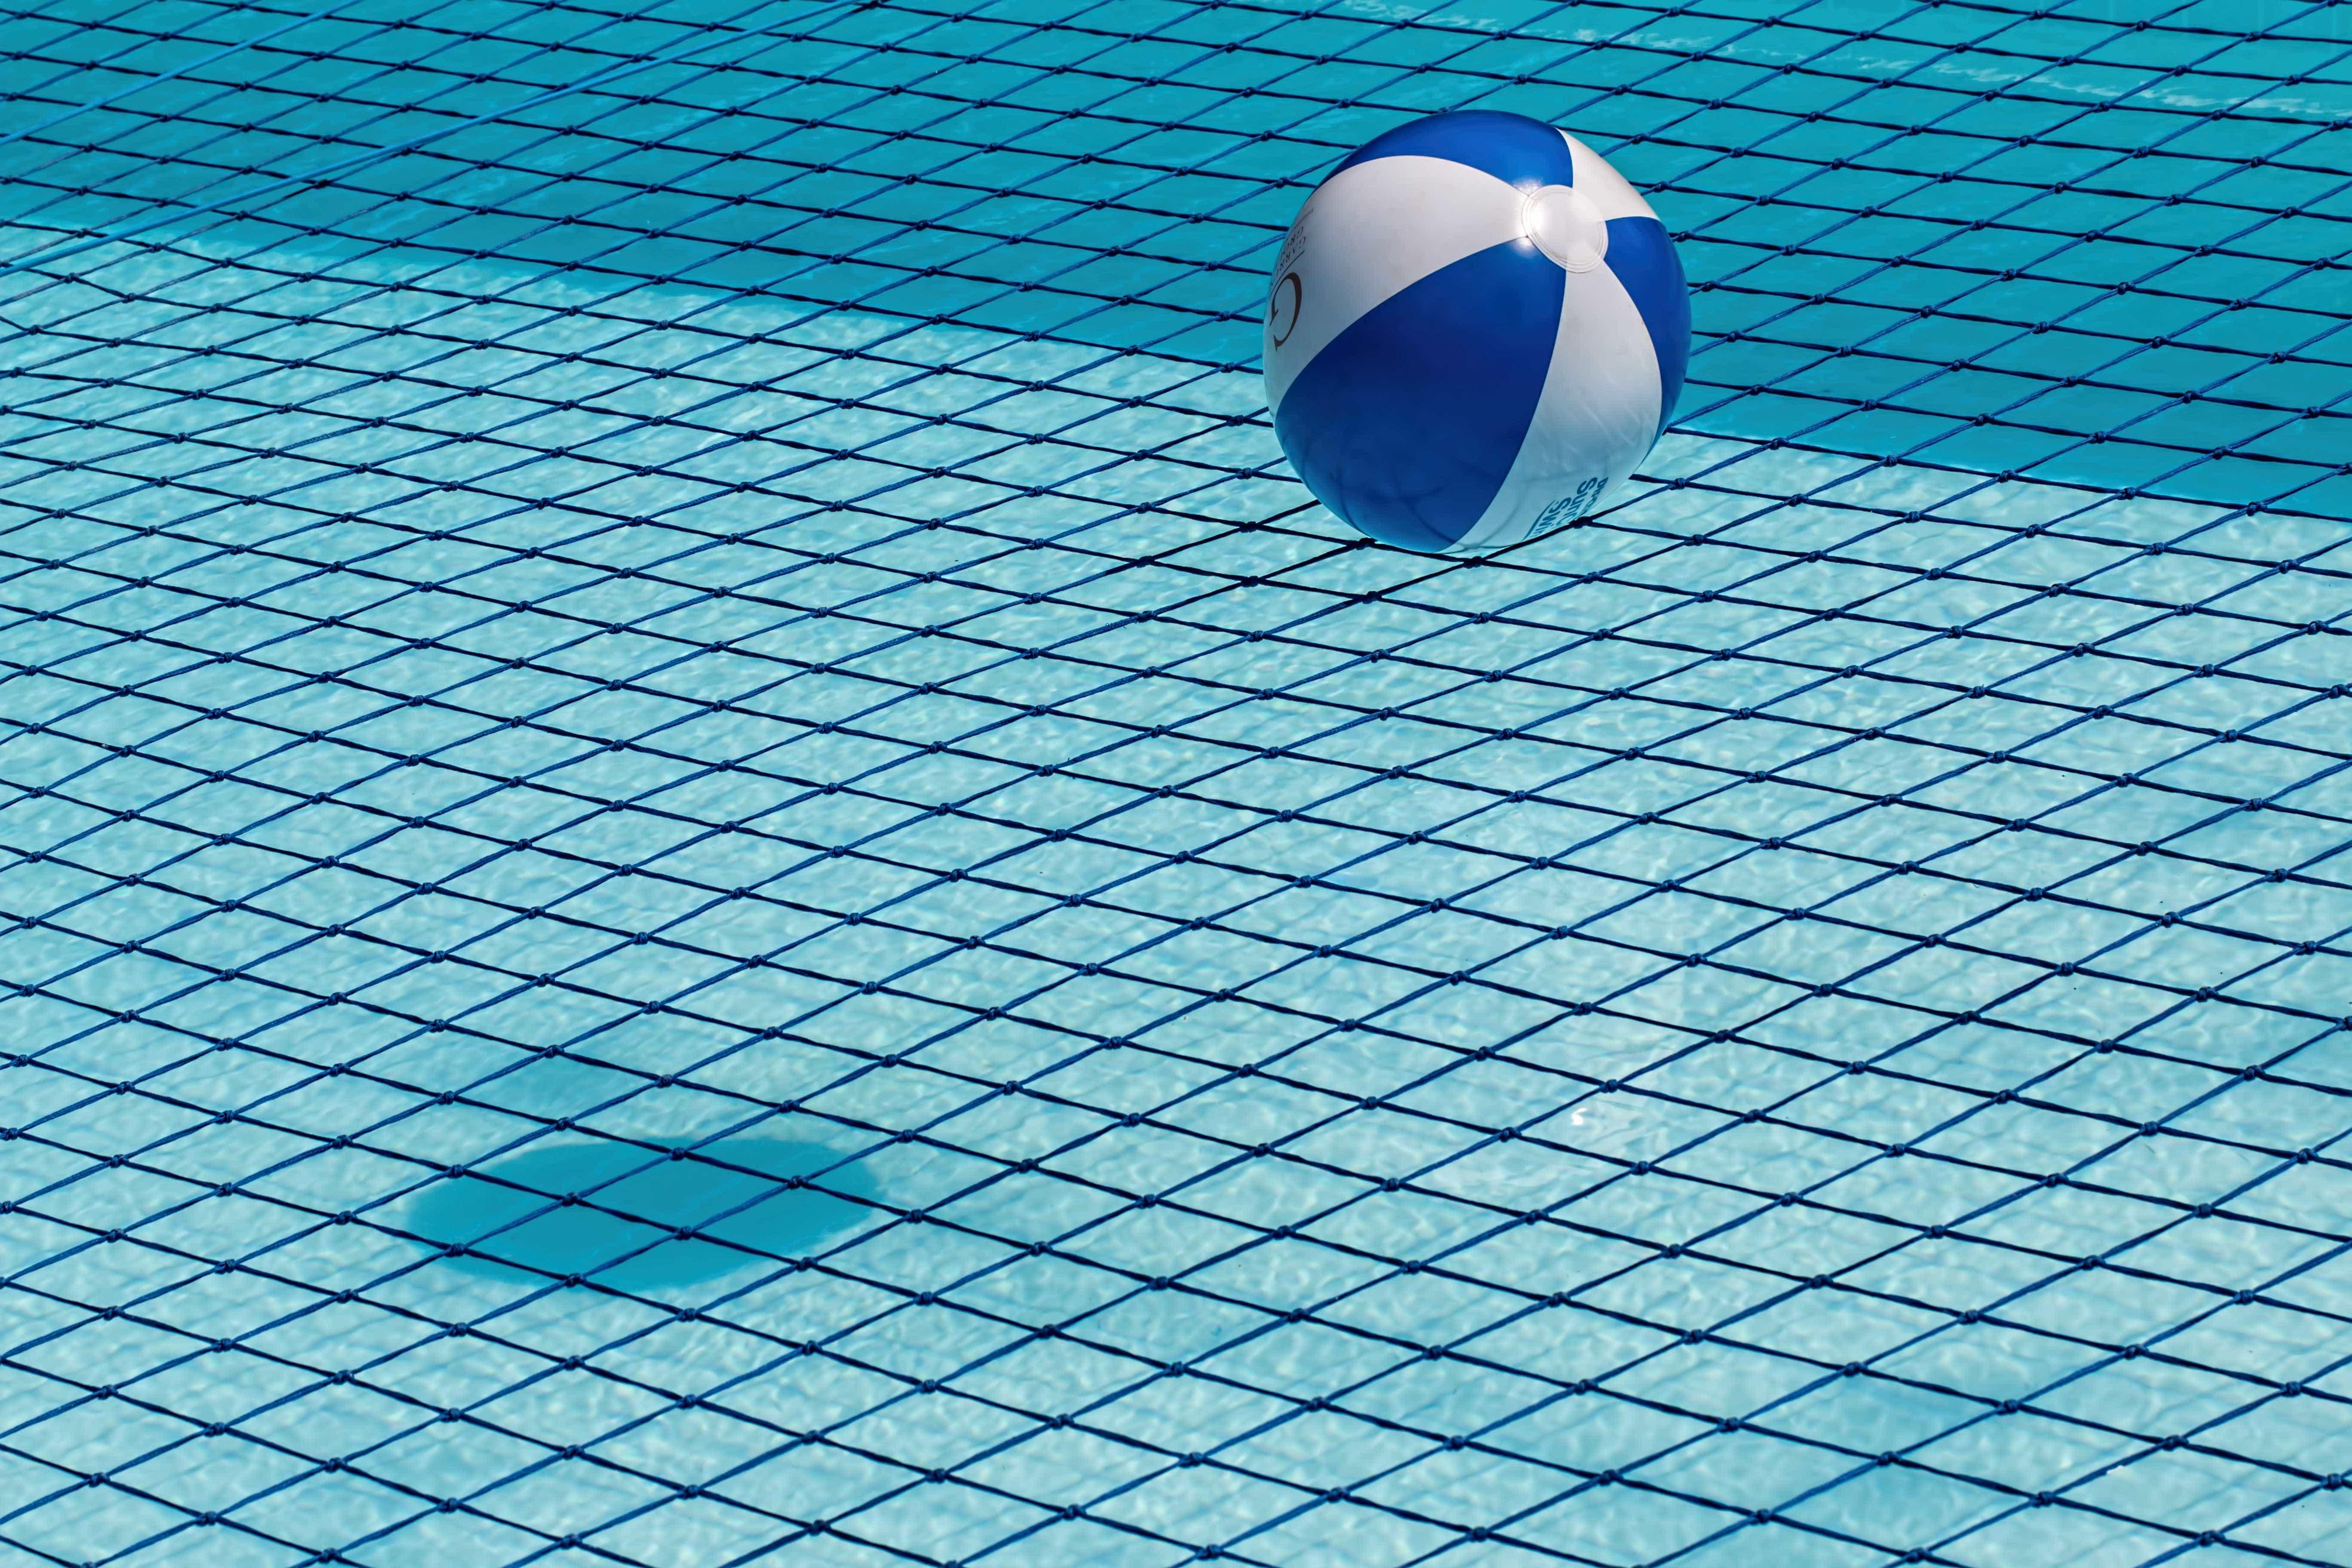 Mãe flagra filha de 7 anos sendo abusada pelo avô dentro de piscina